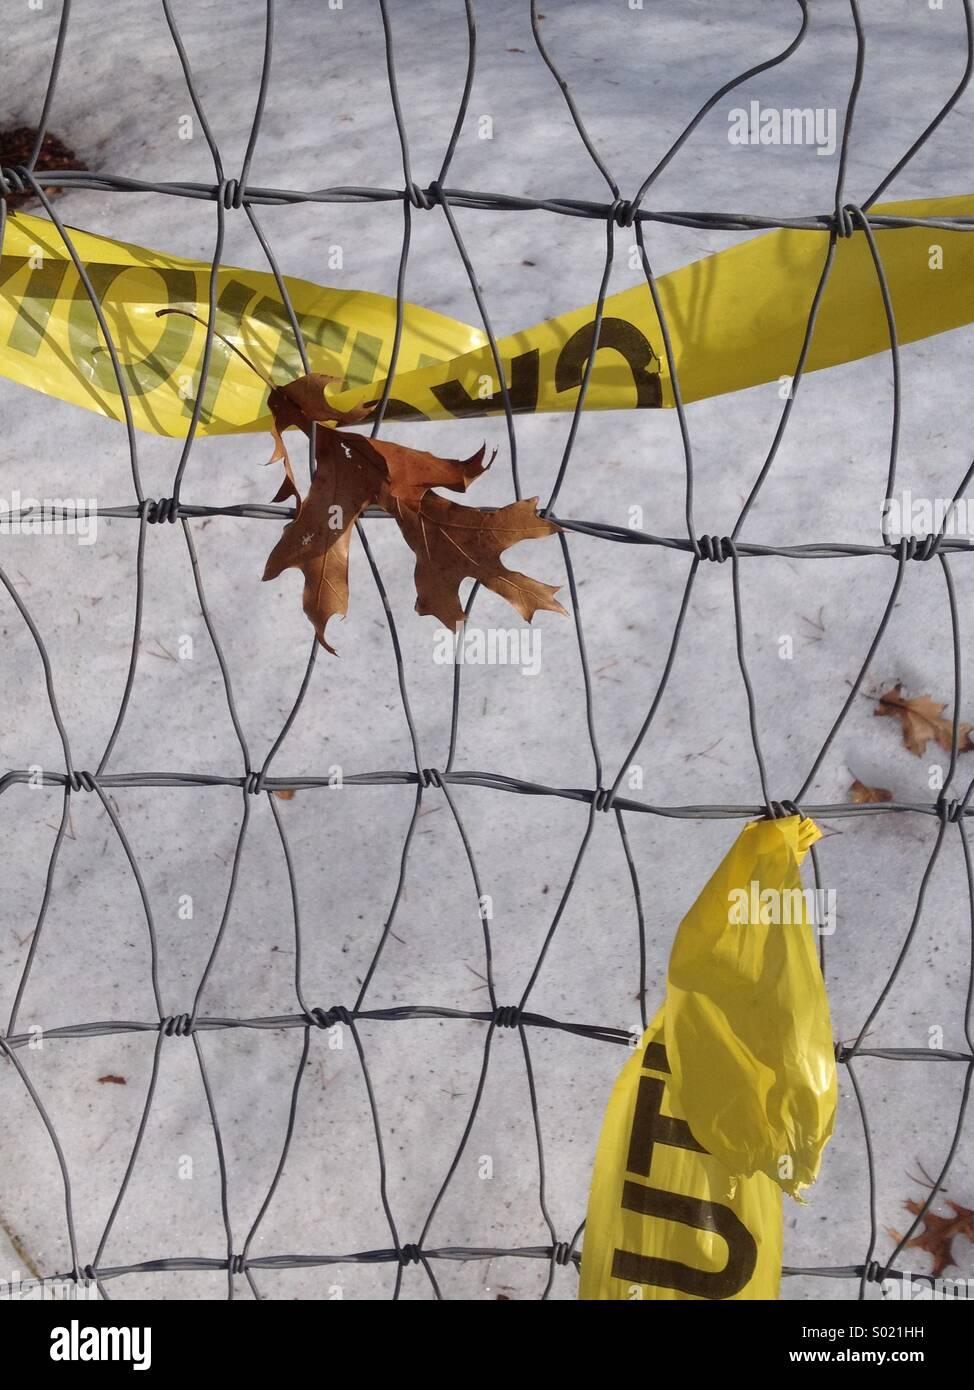 Eichenblatt gefangen in der Nähe von verdrehten gelbe Absperrband ...